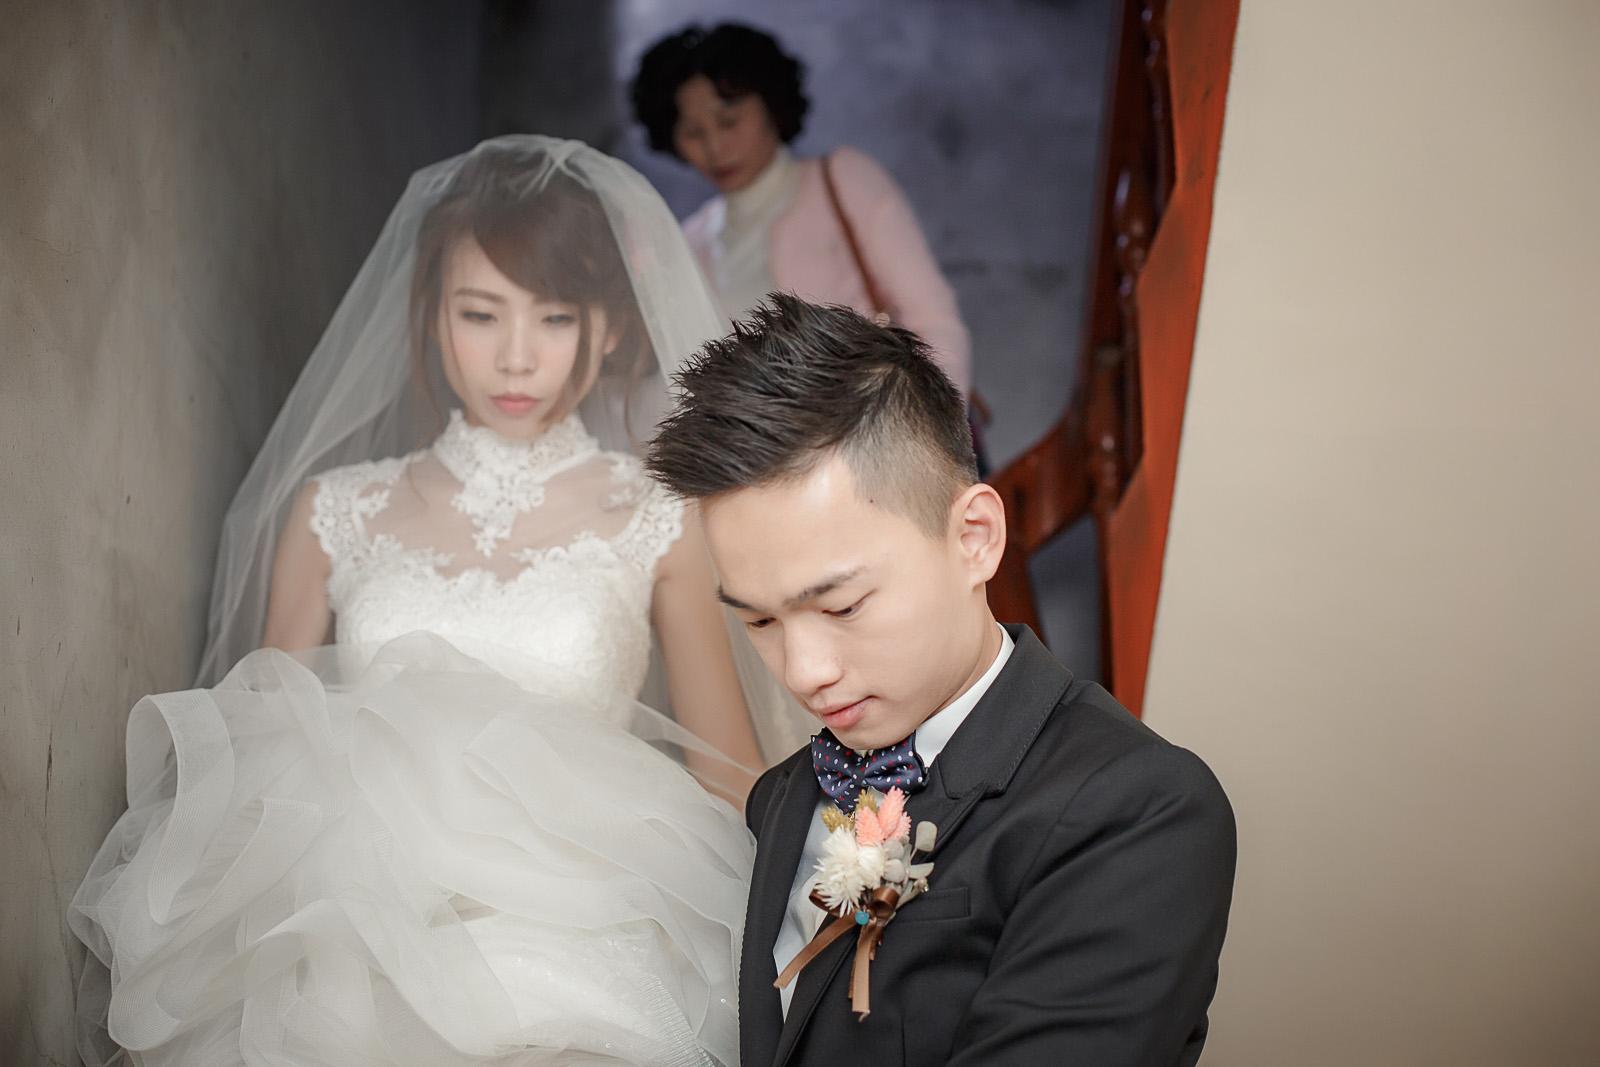 高雄圓山飯店,婚禮攝影,婚攝,高雄婚攝,優質婚攝推薦,Jen&Ethan-179